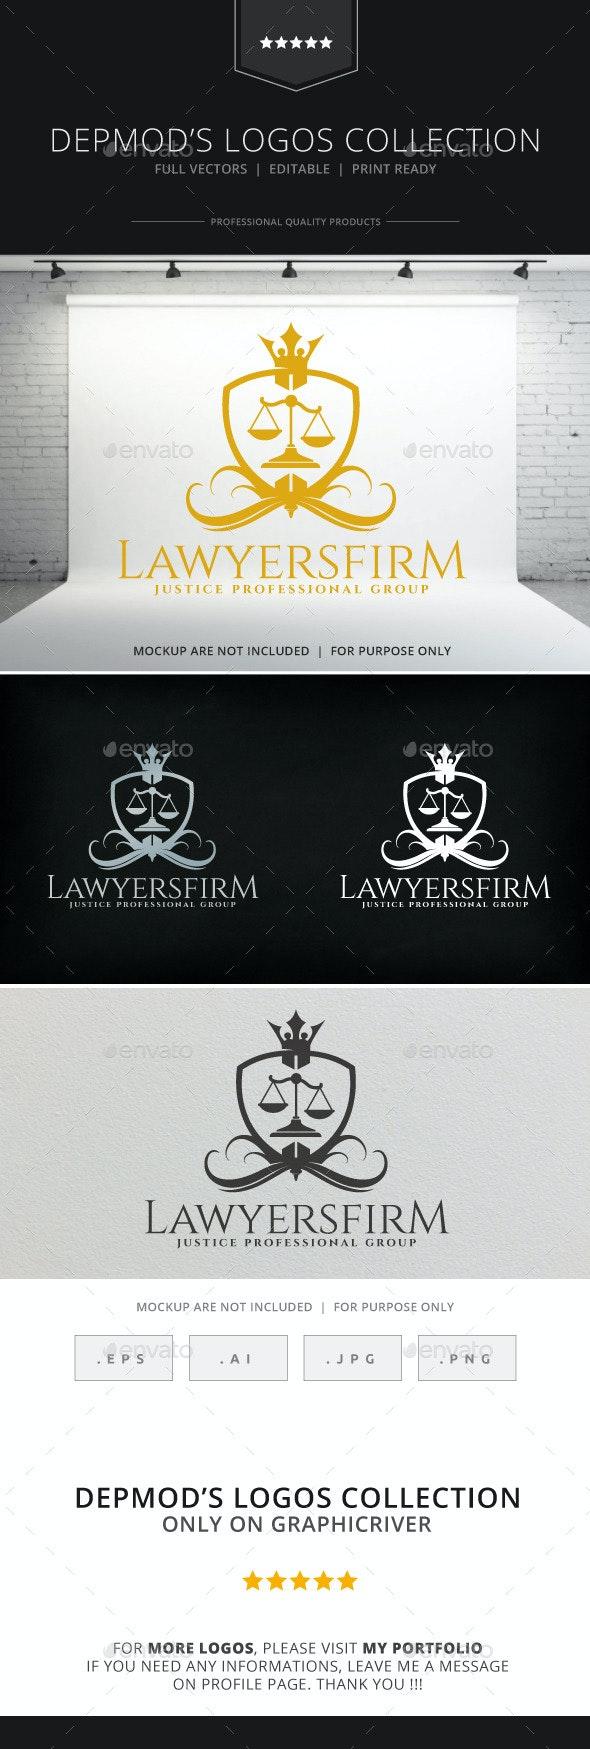 Lawyers Firm Logo